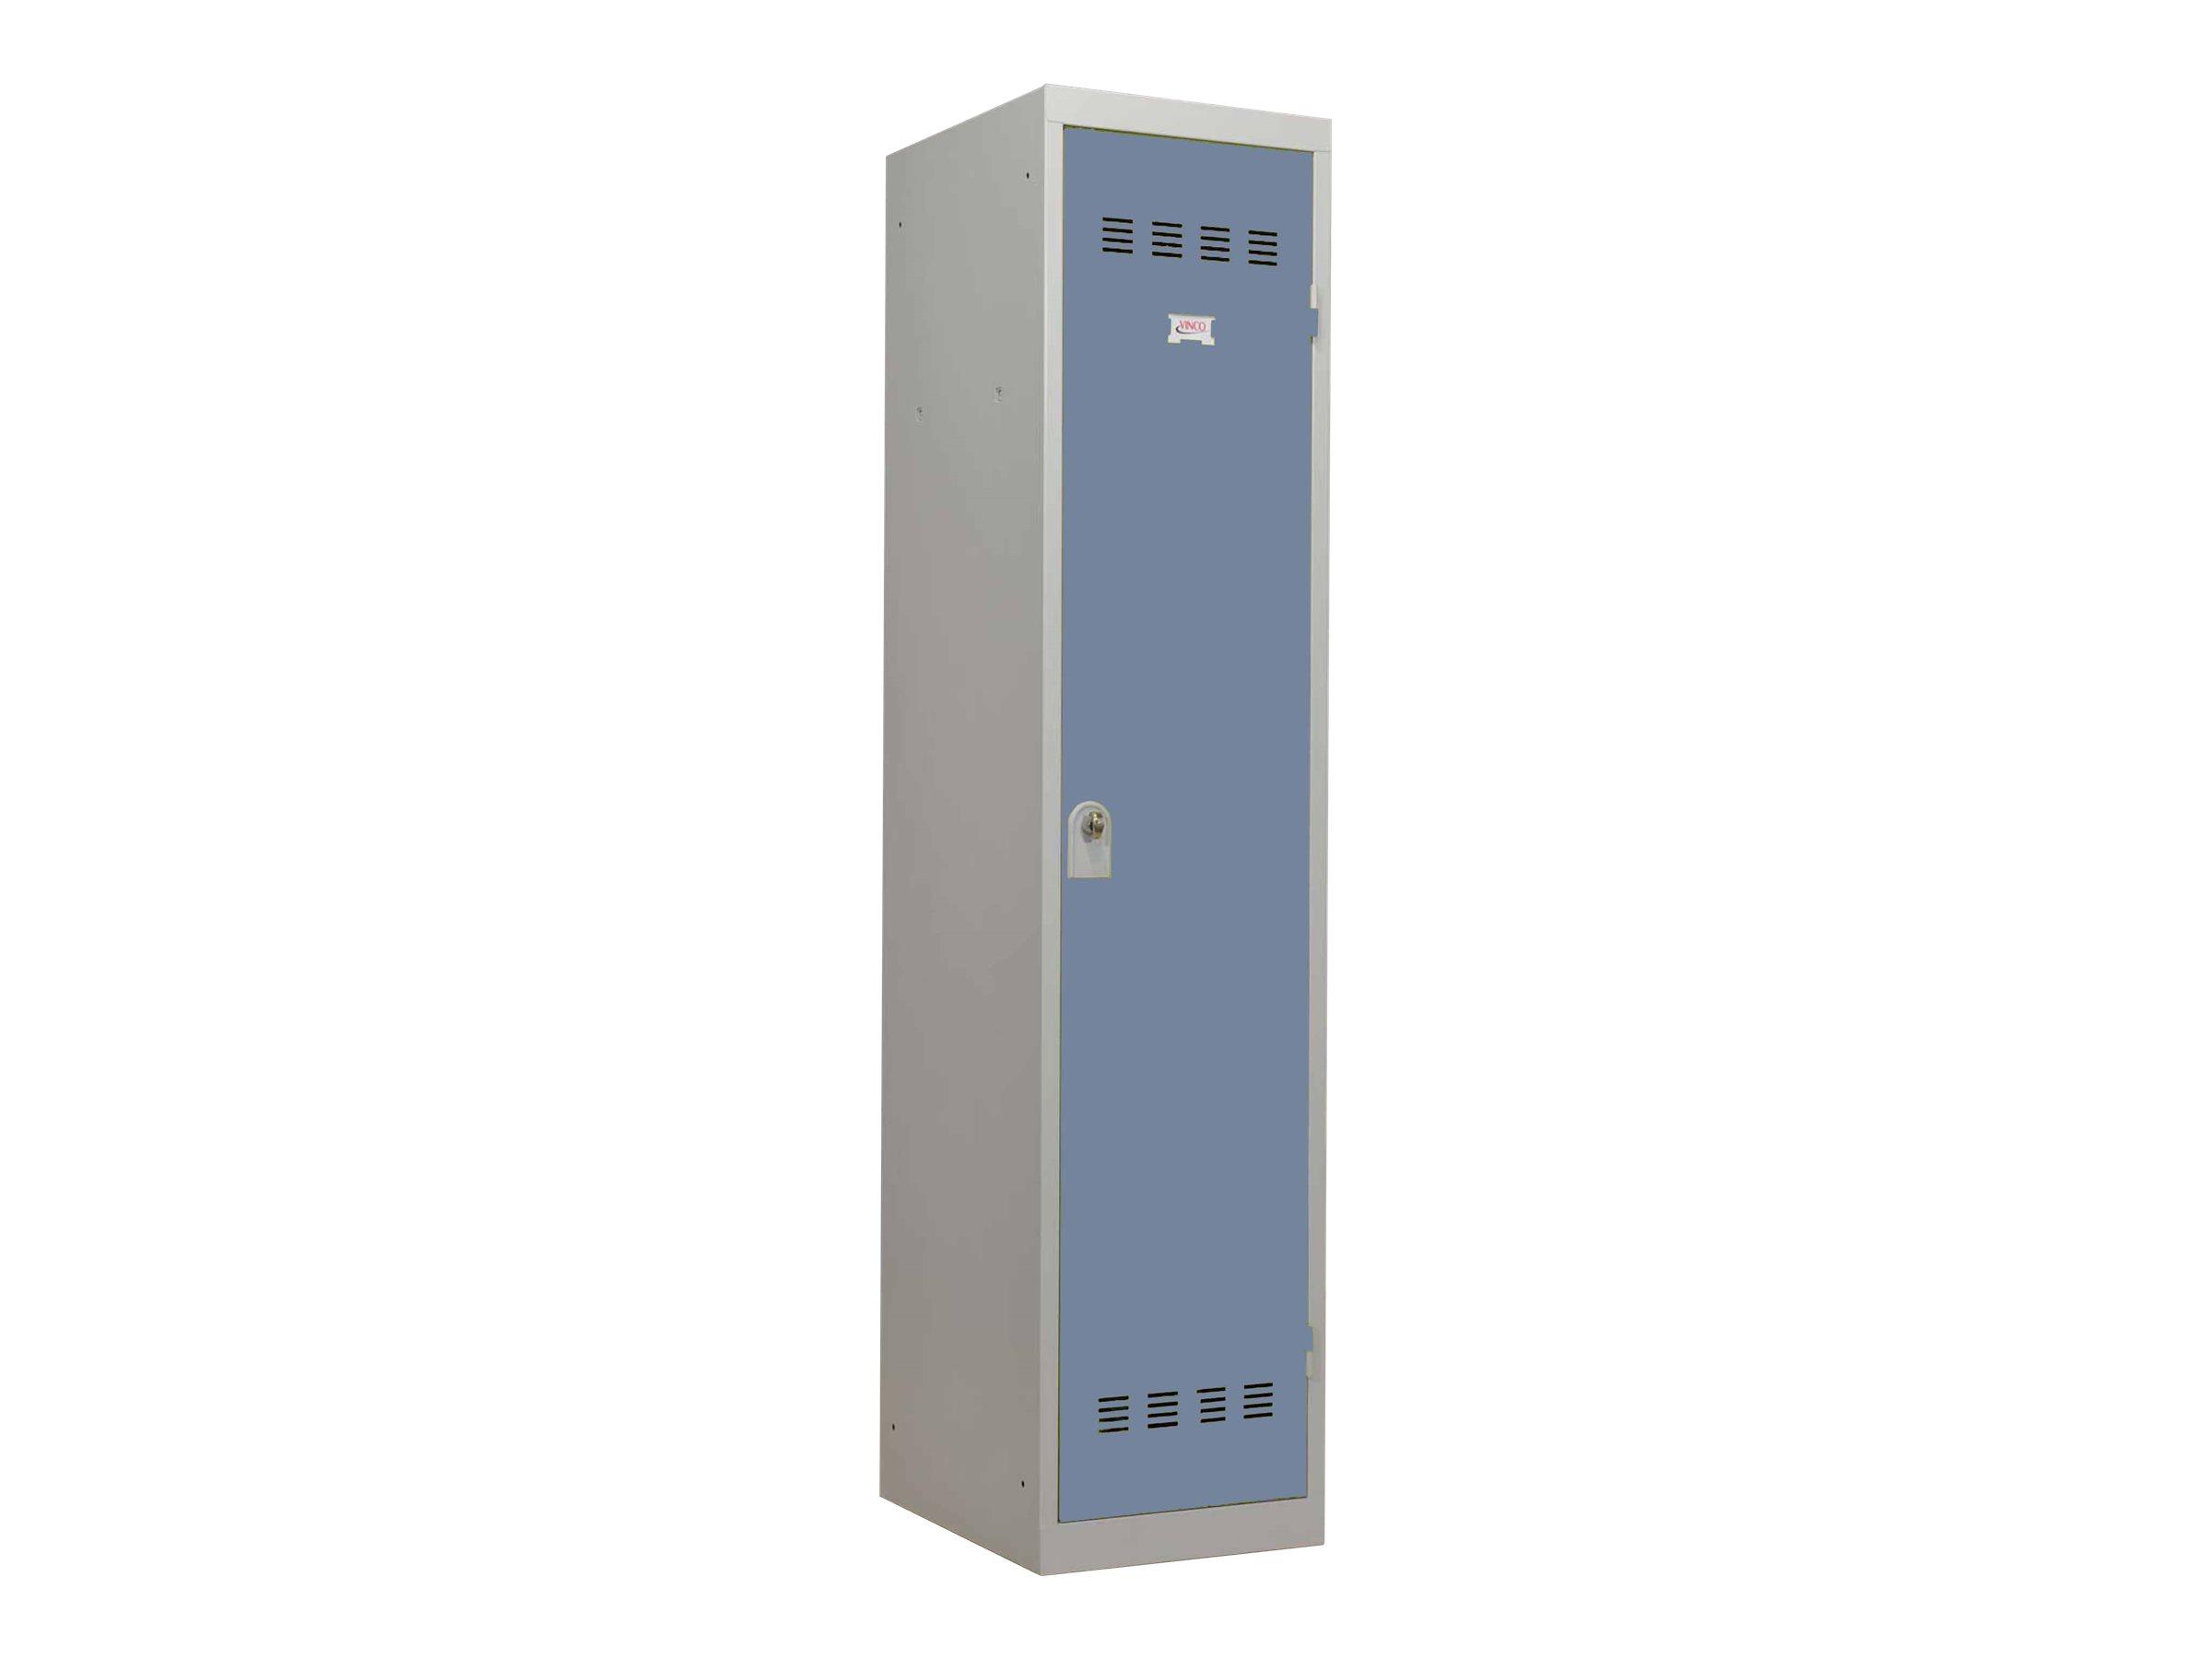 Vestiaire Industrie Salissante - 1 porte - 180 x 40 x 50 cm - gris/beu